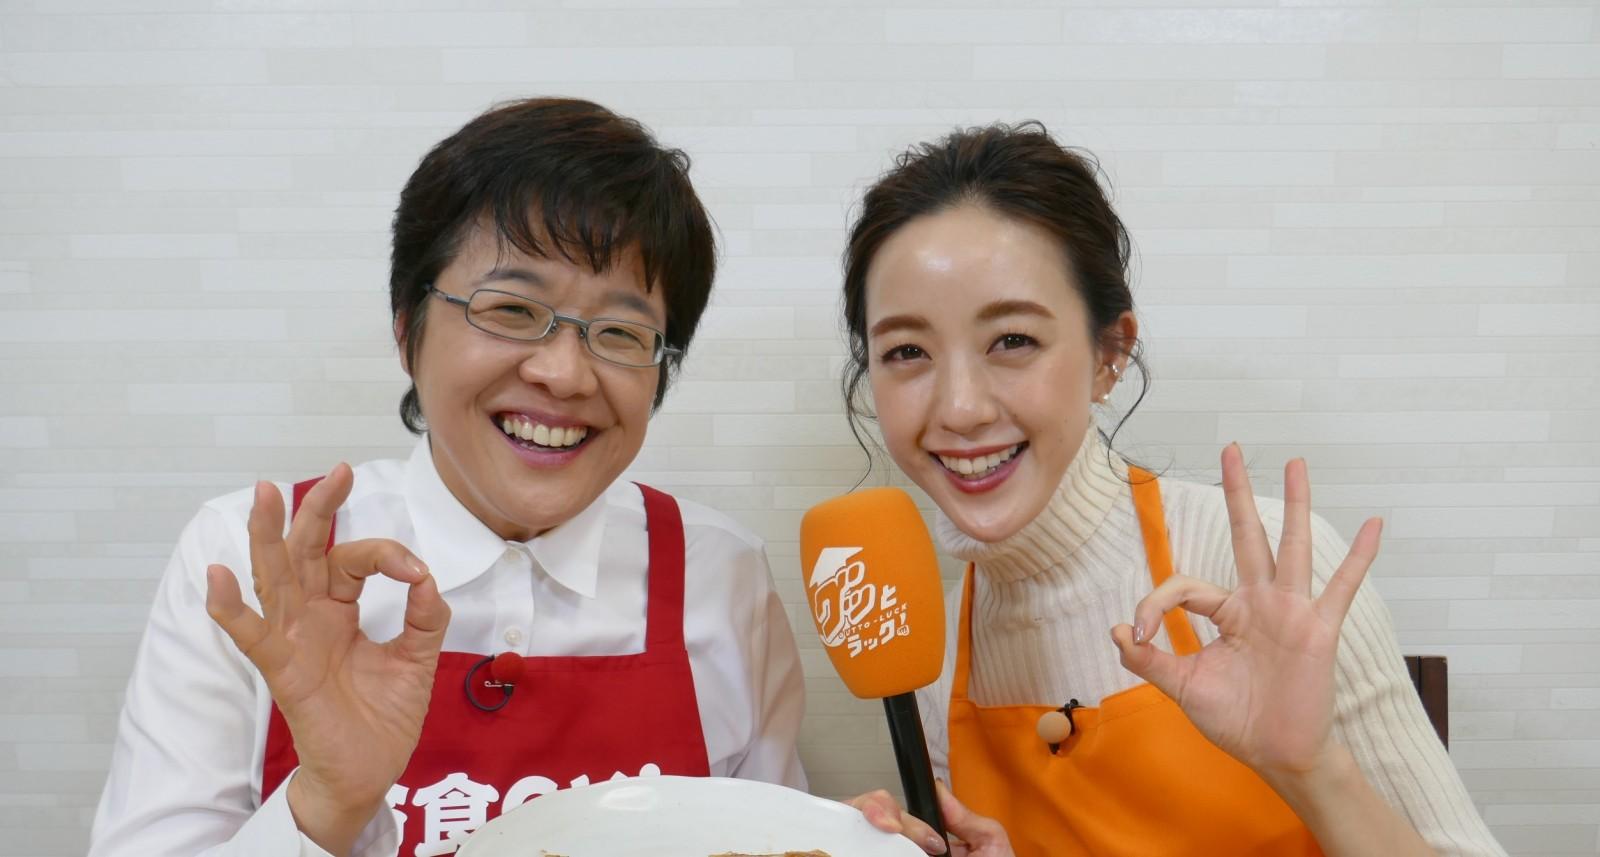 明日(2月25日)朝、TBS「グッとラック!」で冷凍餃子の『グッと5!』